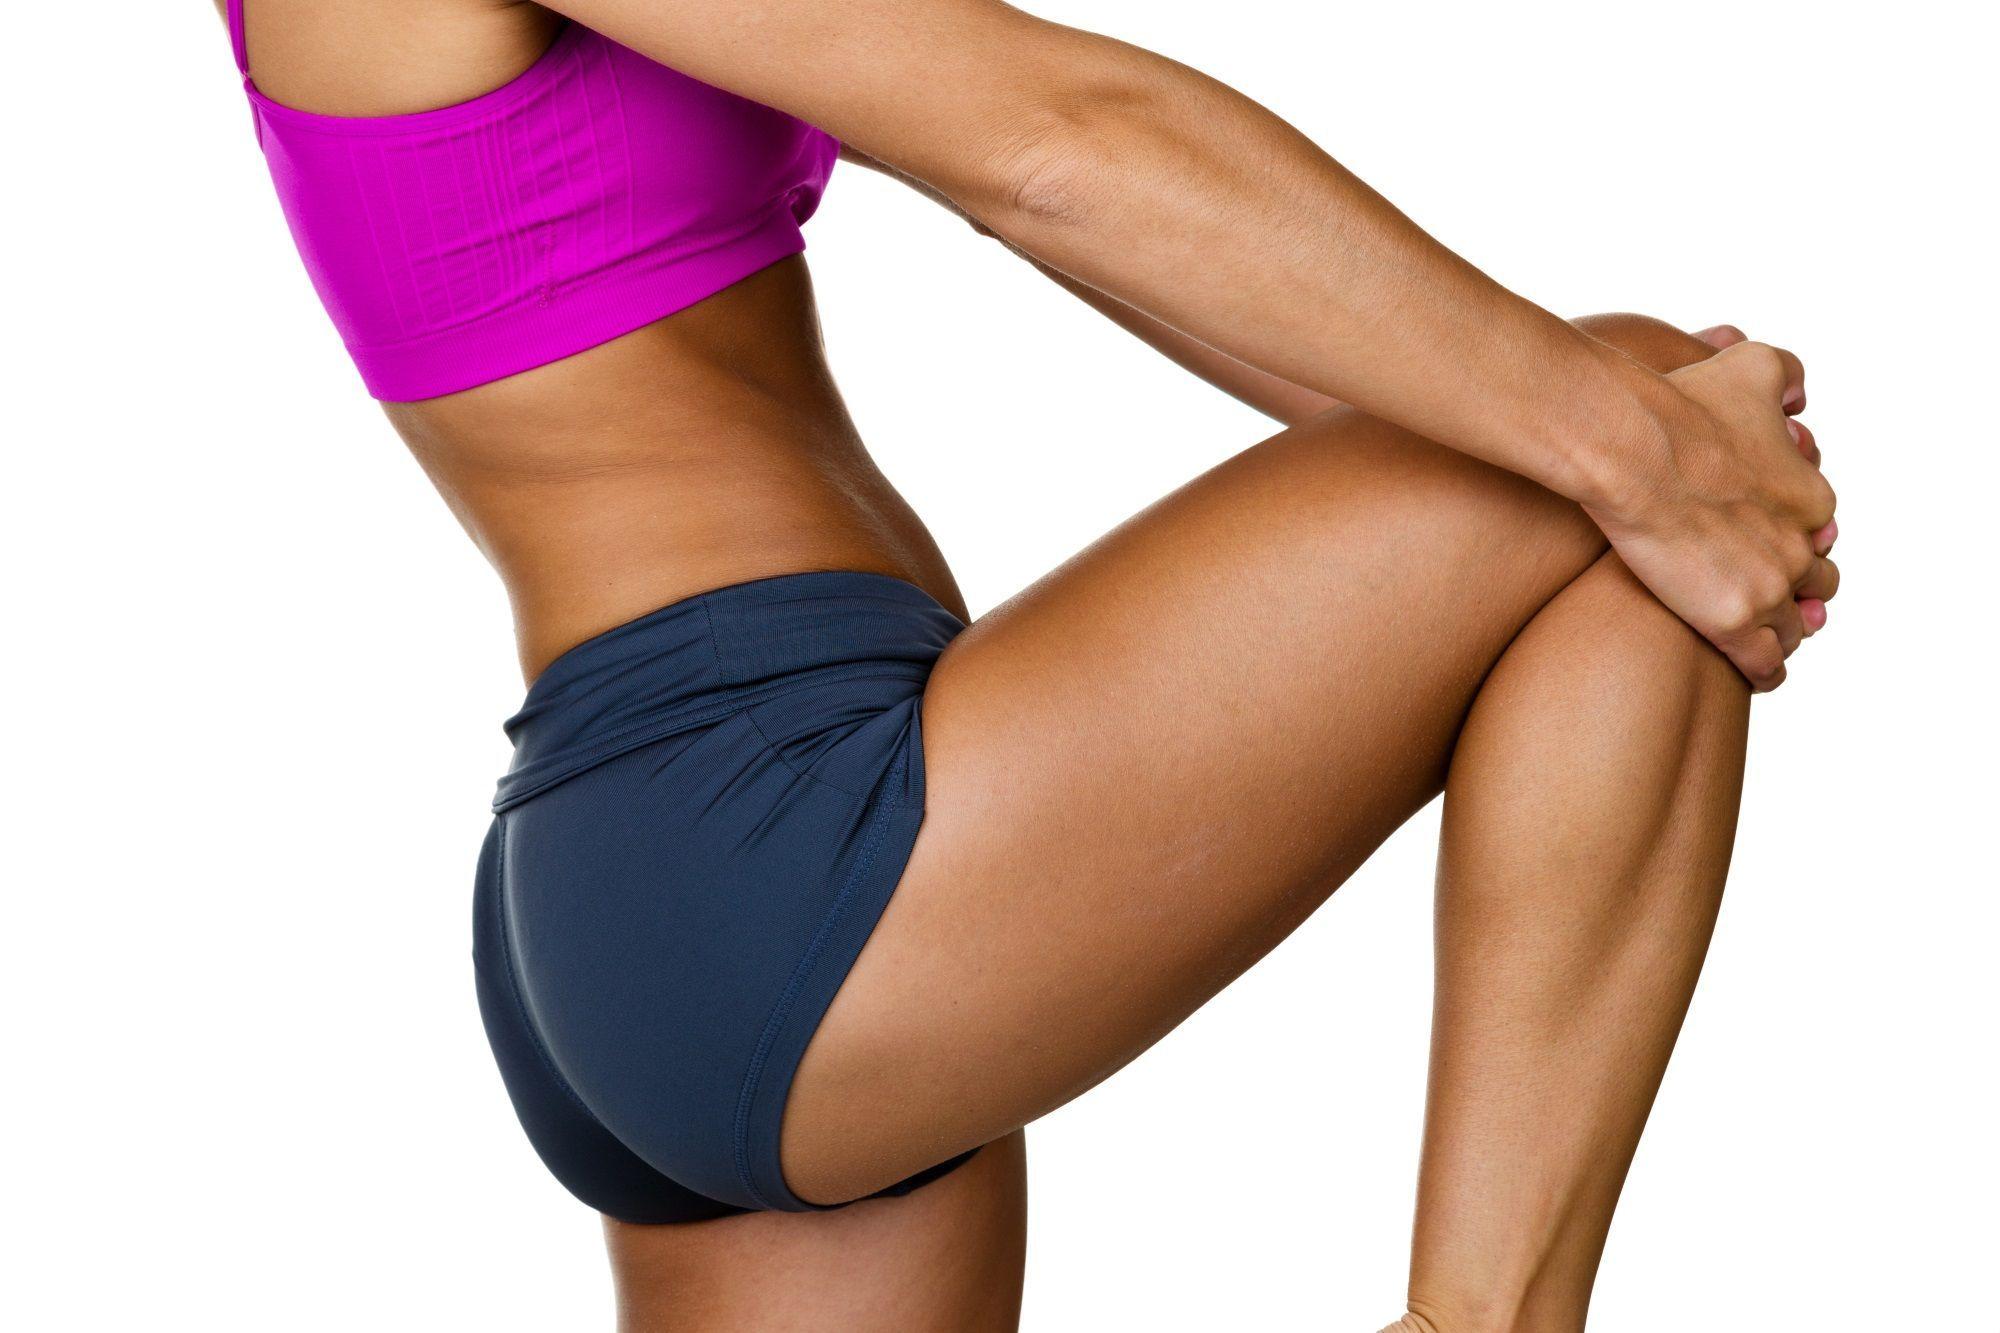 Maigrir des cuisses - Les régimes et exercices pour les affiner 19dd9857a4e